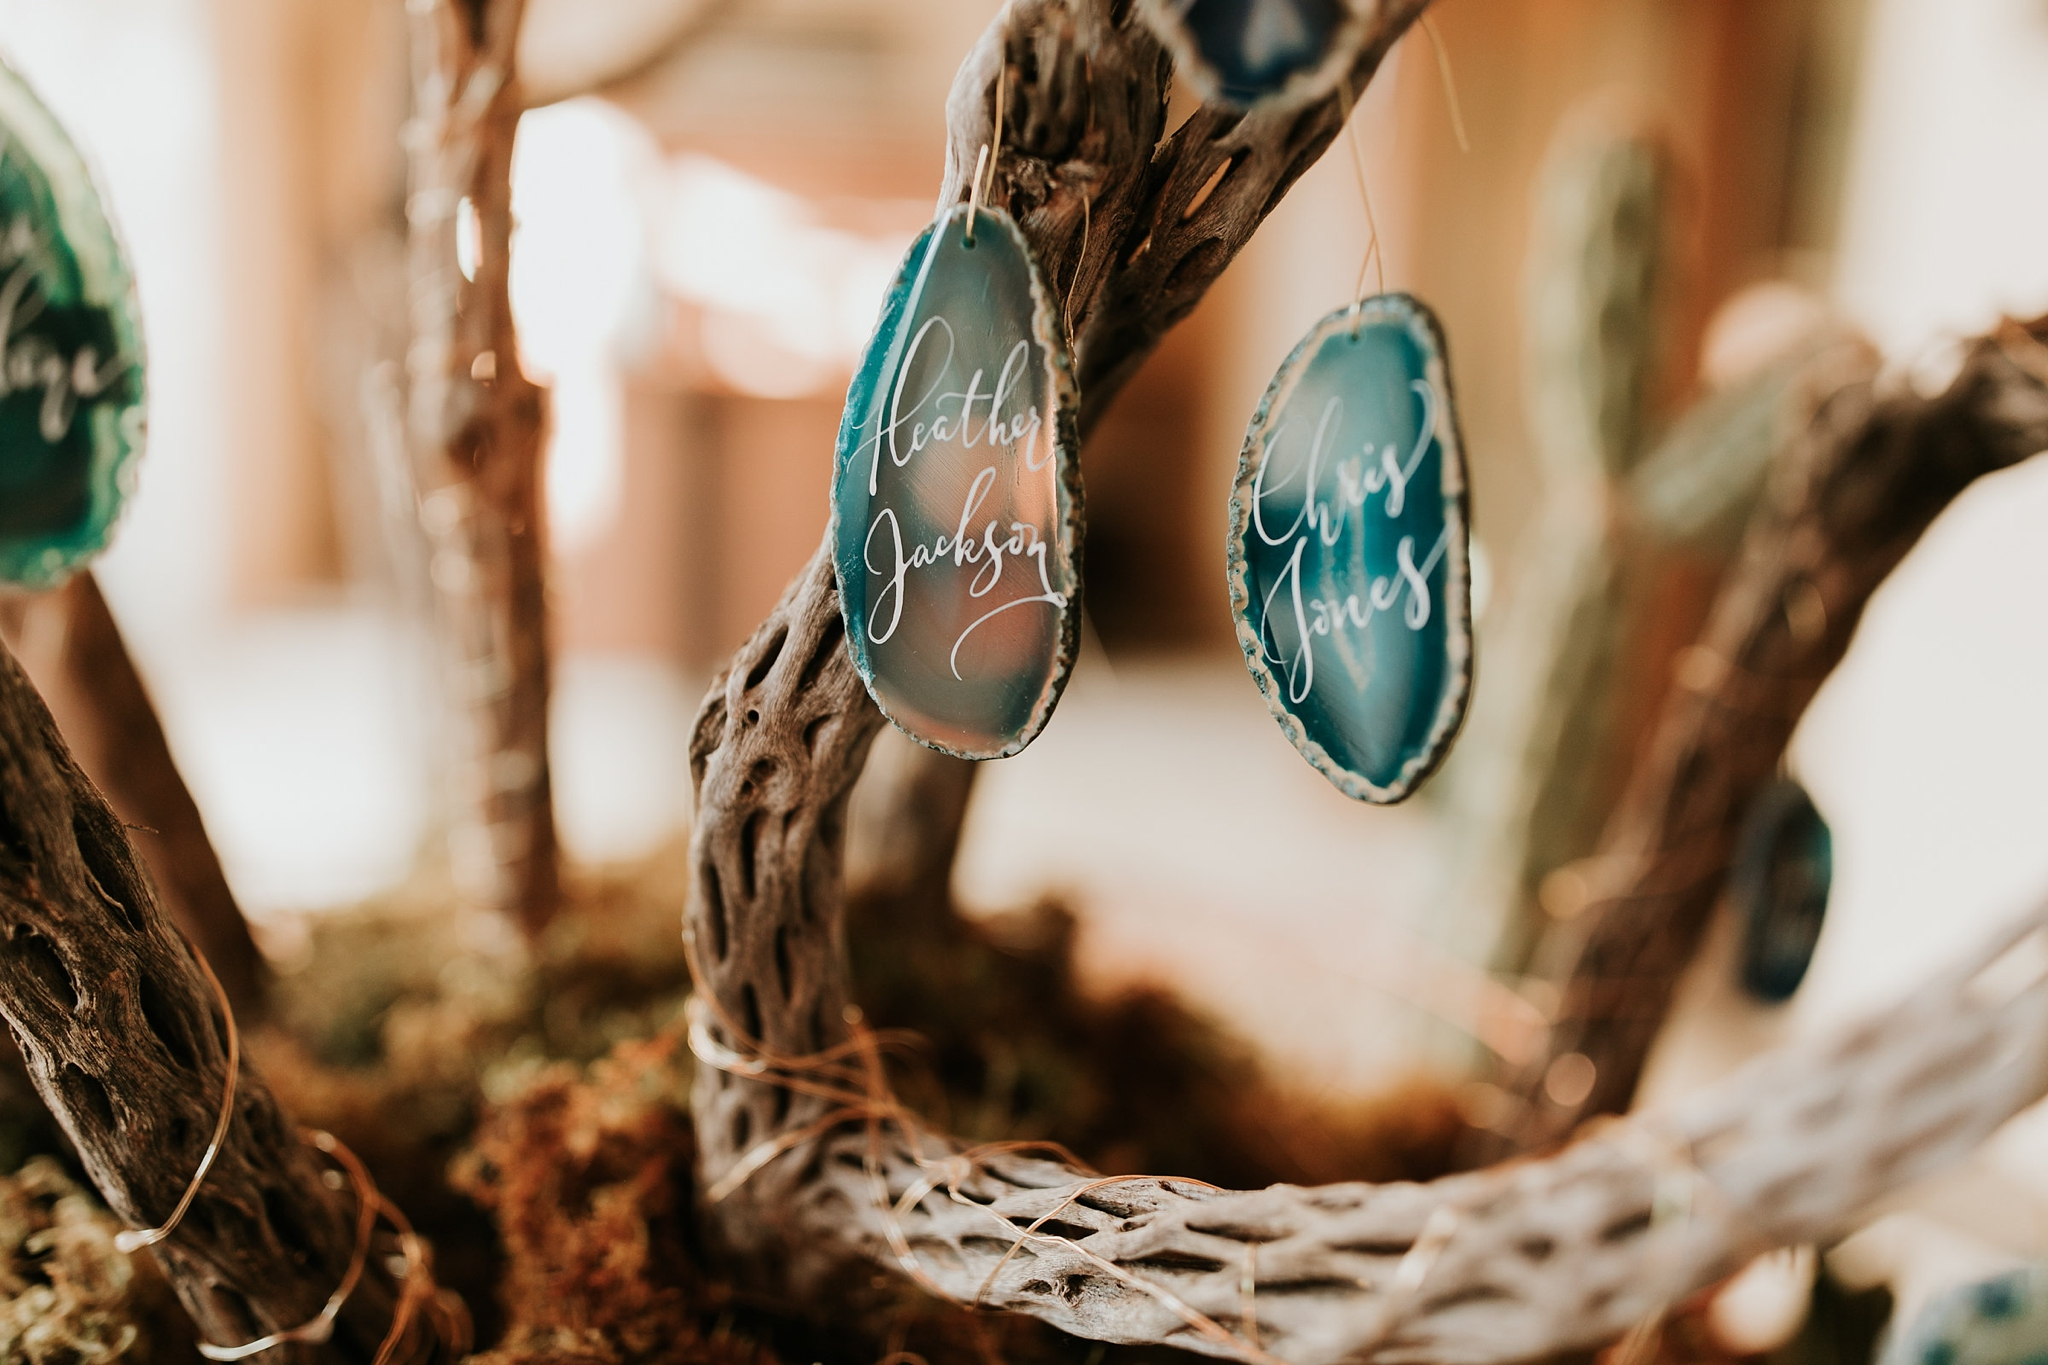 Alicia+lucia+photography+-+albuquerque+wedding+photographer+-+santa+fe+wedding+photography+-+new+mexico+wedding+photographer+-+new+mexico+wedding+-+wedding+-+winter+wedding+-+wedding+reception+-+winter+wedding+reception_0062.jpg